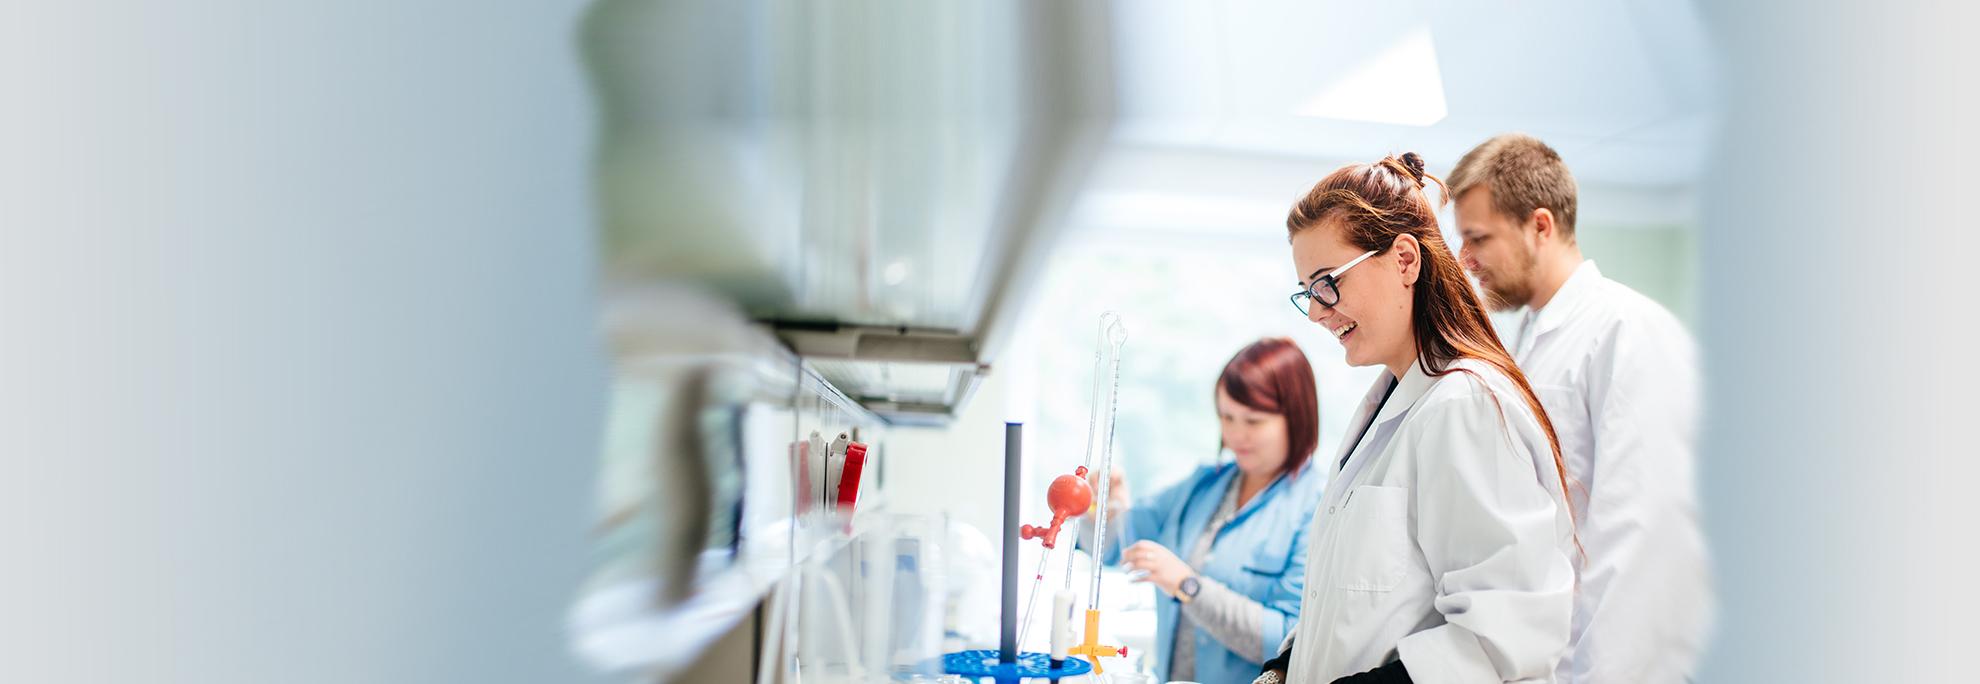 Modernios laboratorijos